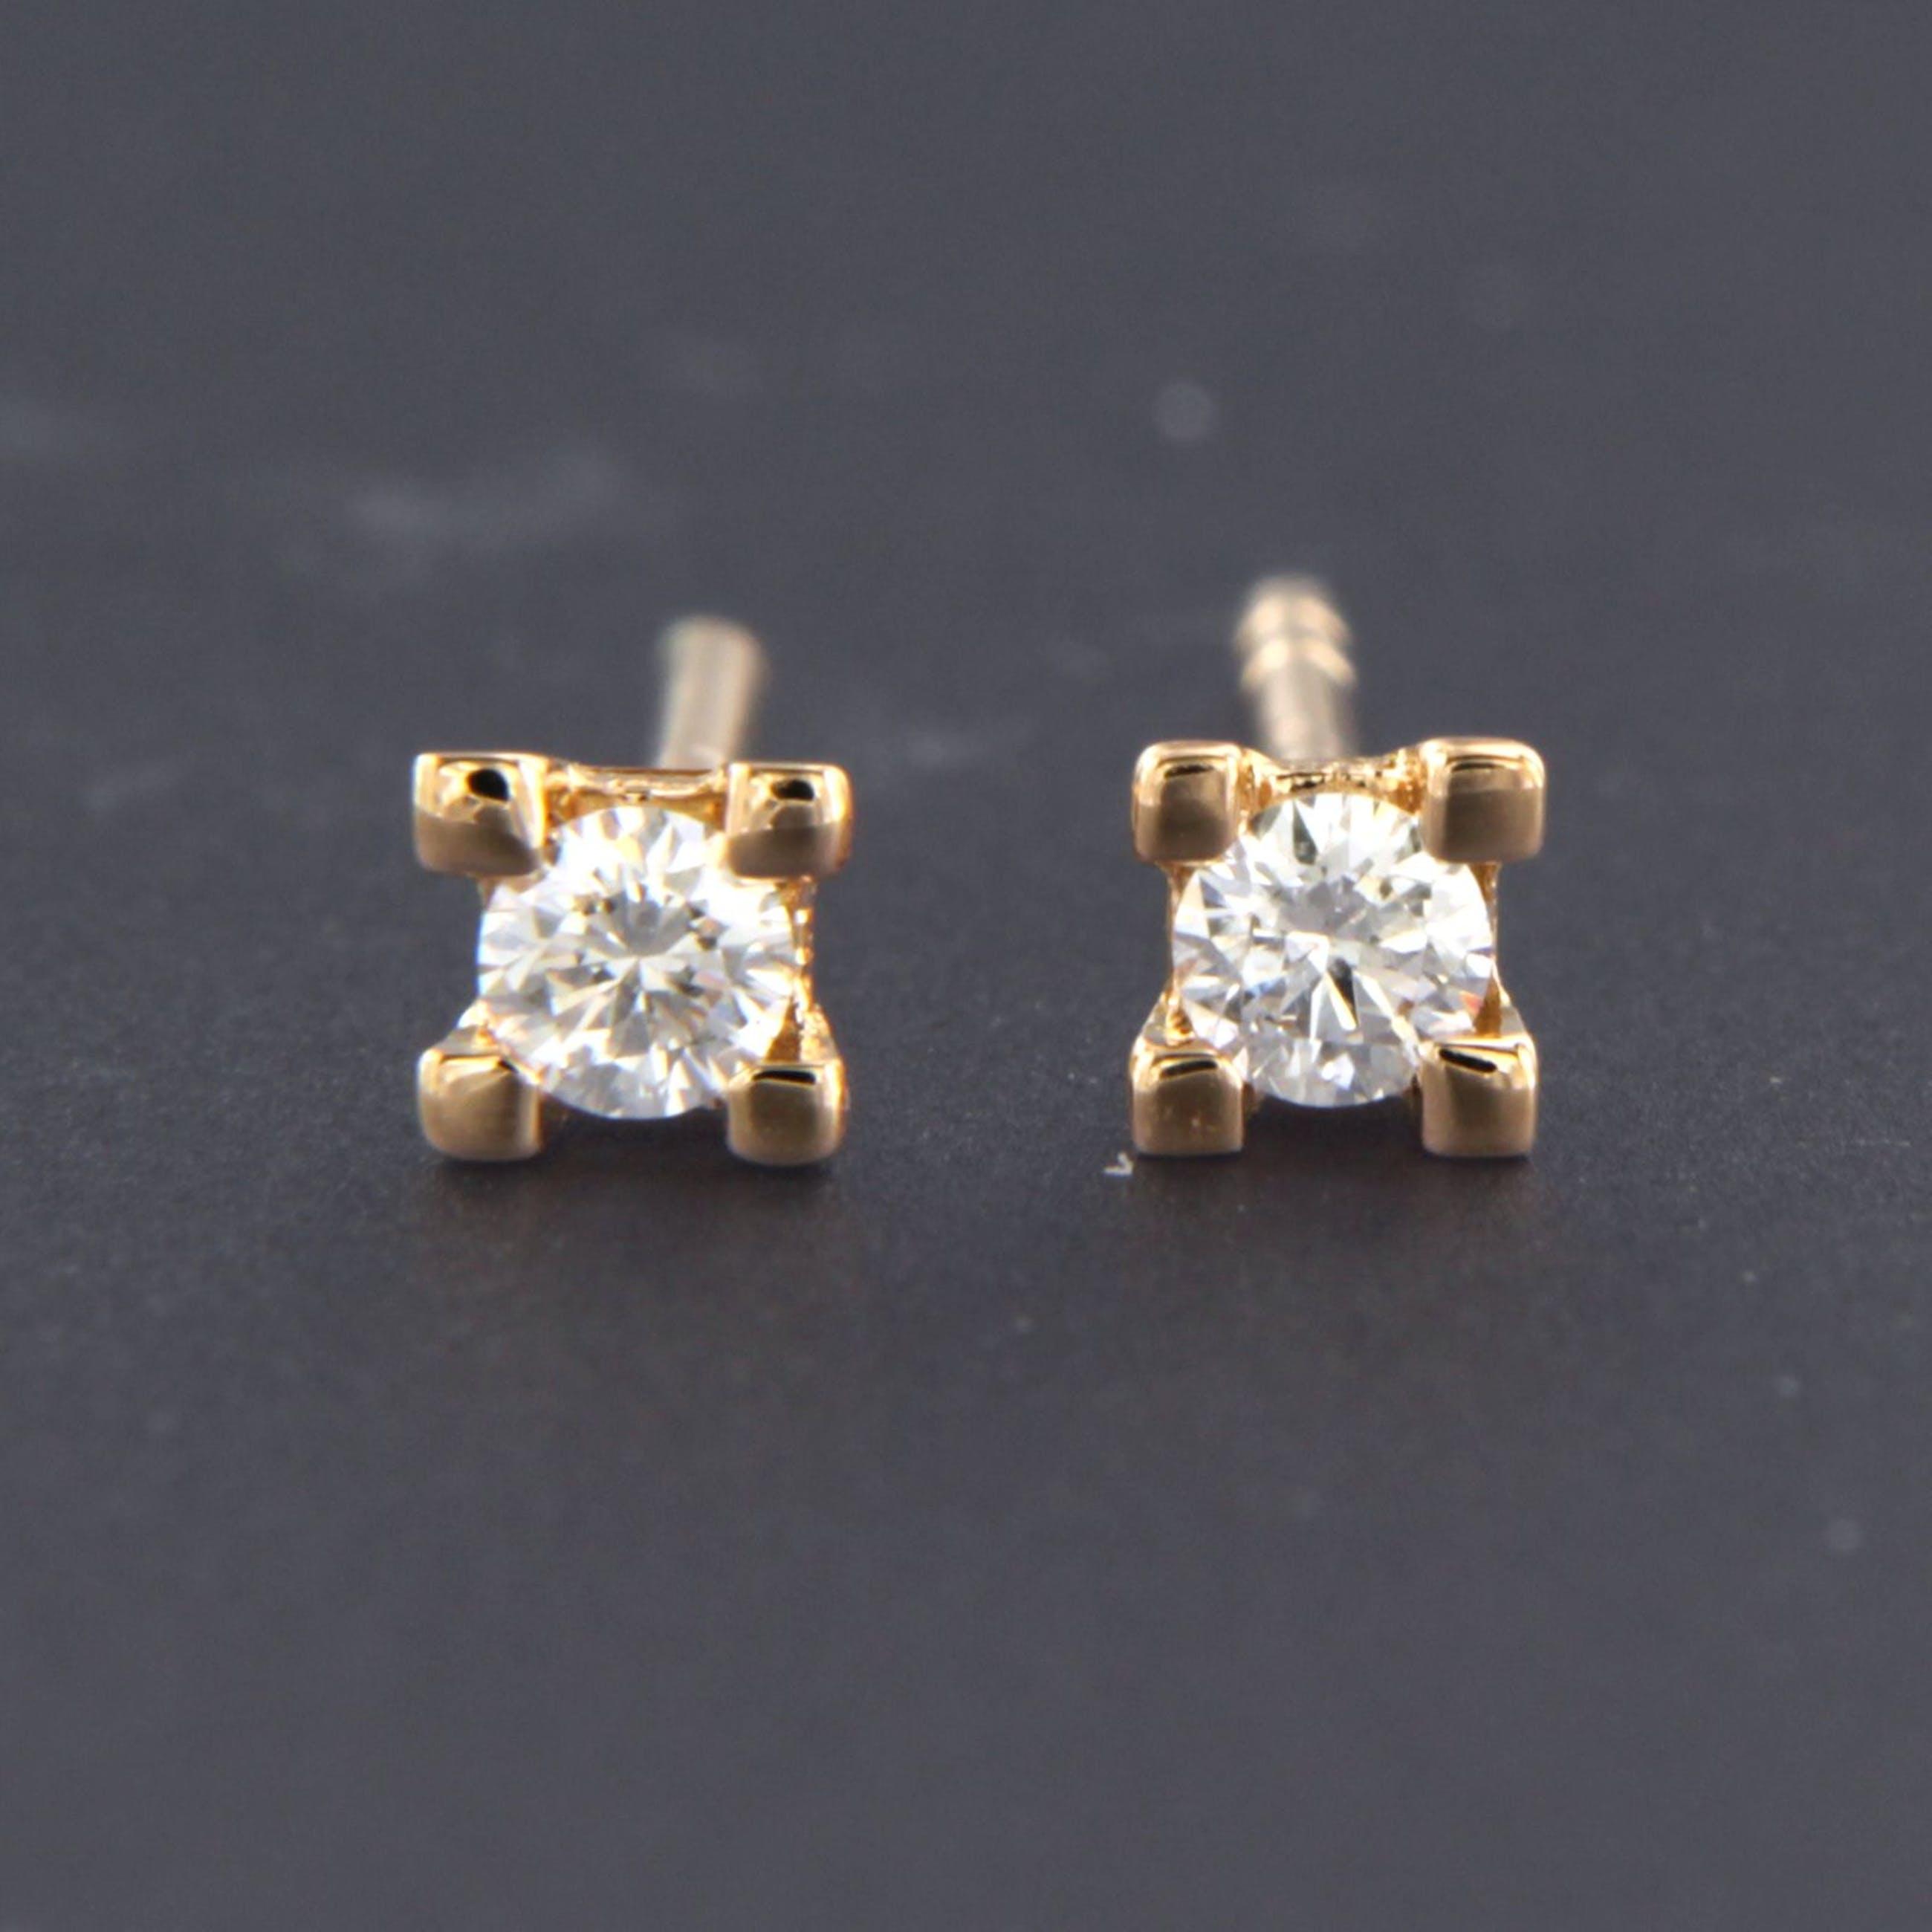 18K Goud - rosé gouden oorknoppen bezet met 0.10 ct diamant kopen? Bied vanaf 160!